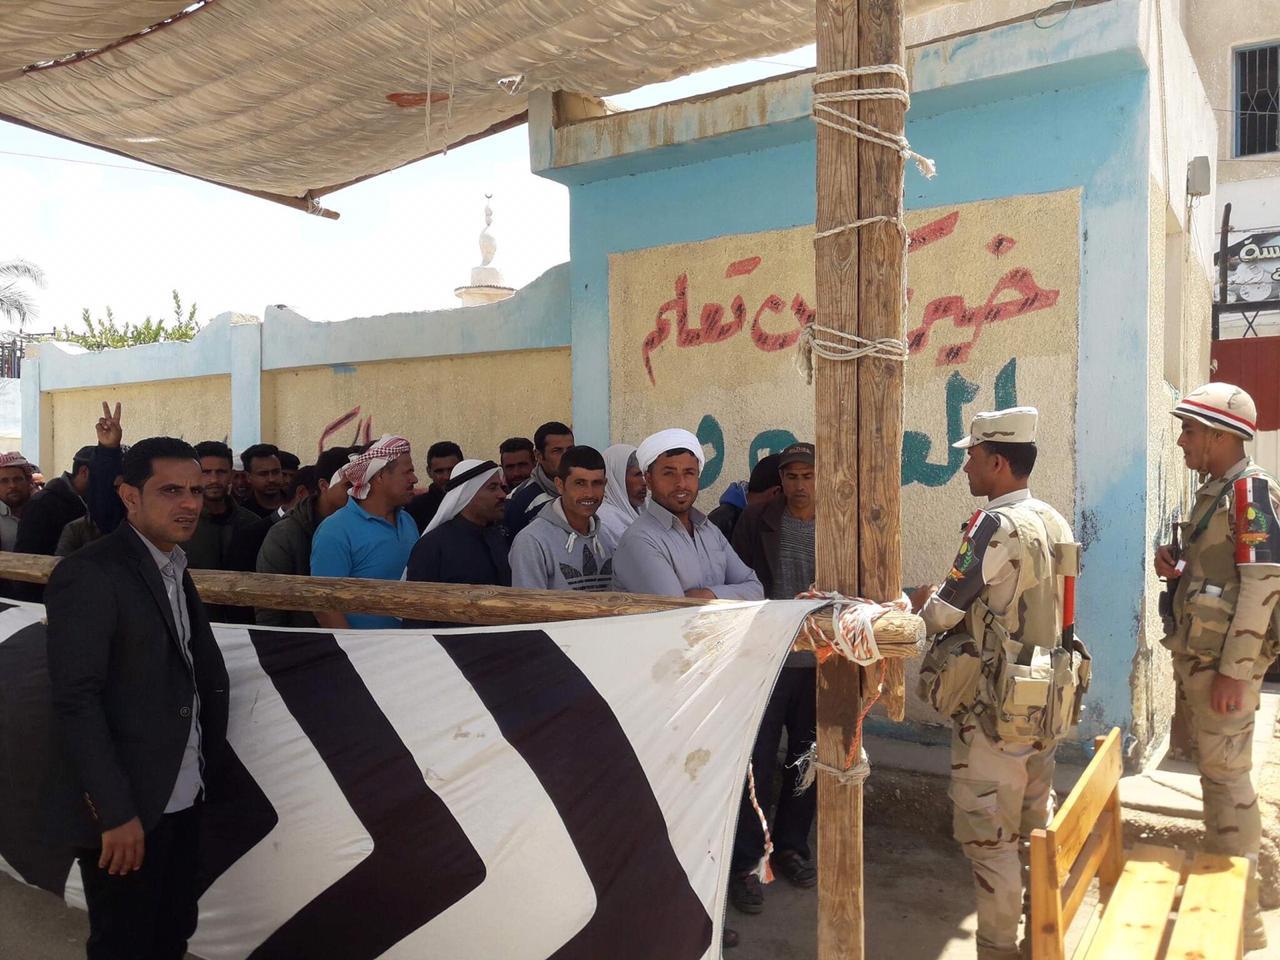 أهالى شمال سيناء المقيمين فى الإسماعيلية يصطفون بكثافة ويشاركون فى الاستفتاء (4)